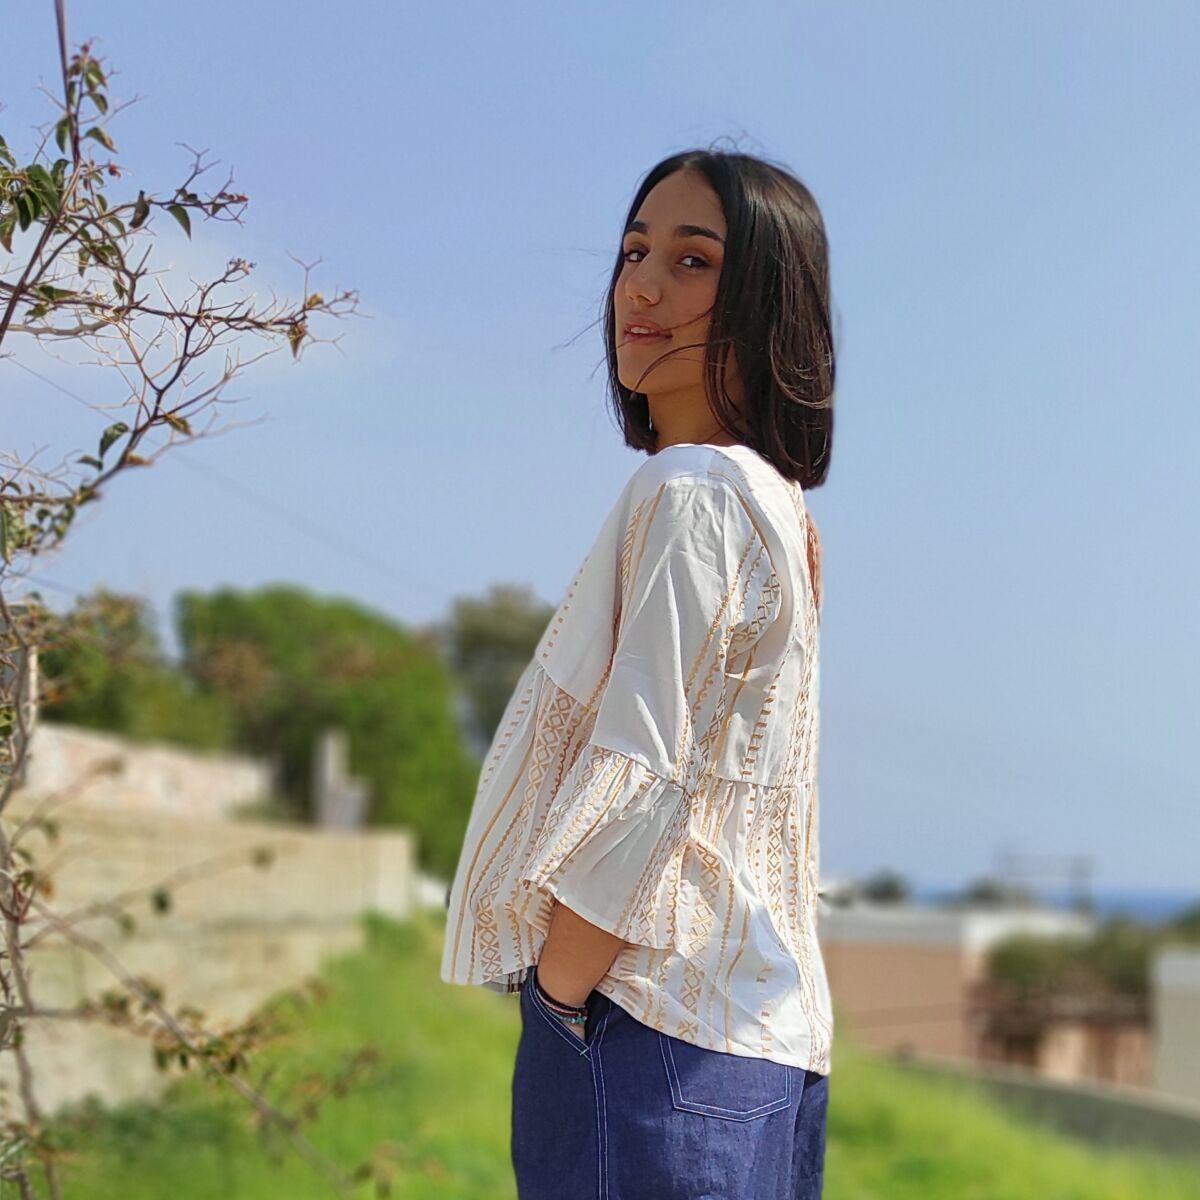 Μπλούζα υφαντή Μπλούζες Ρούχα αξεσουάρ 2